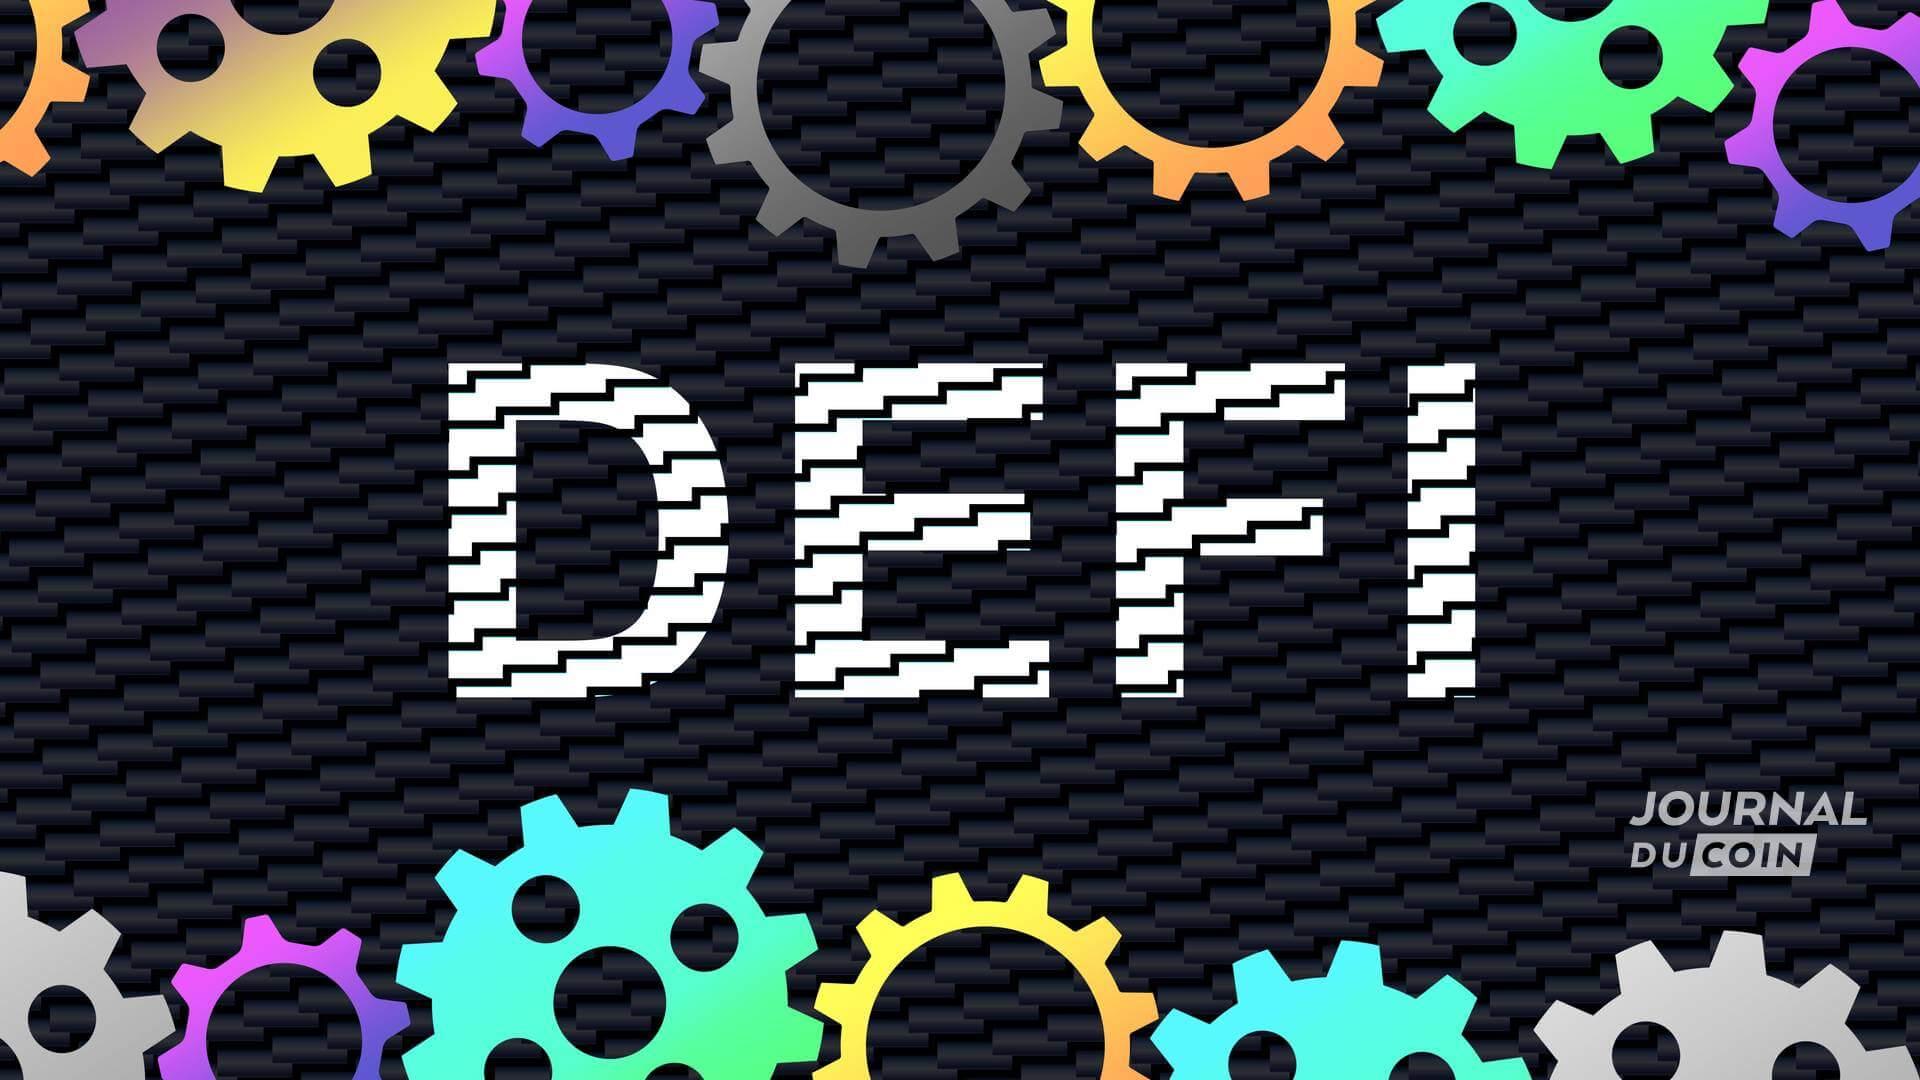 Vers un écosystème financier décentralisé : La DEFI